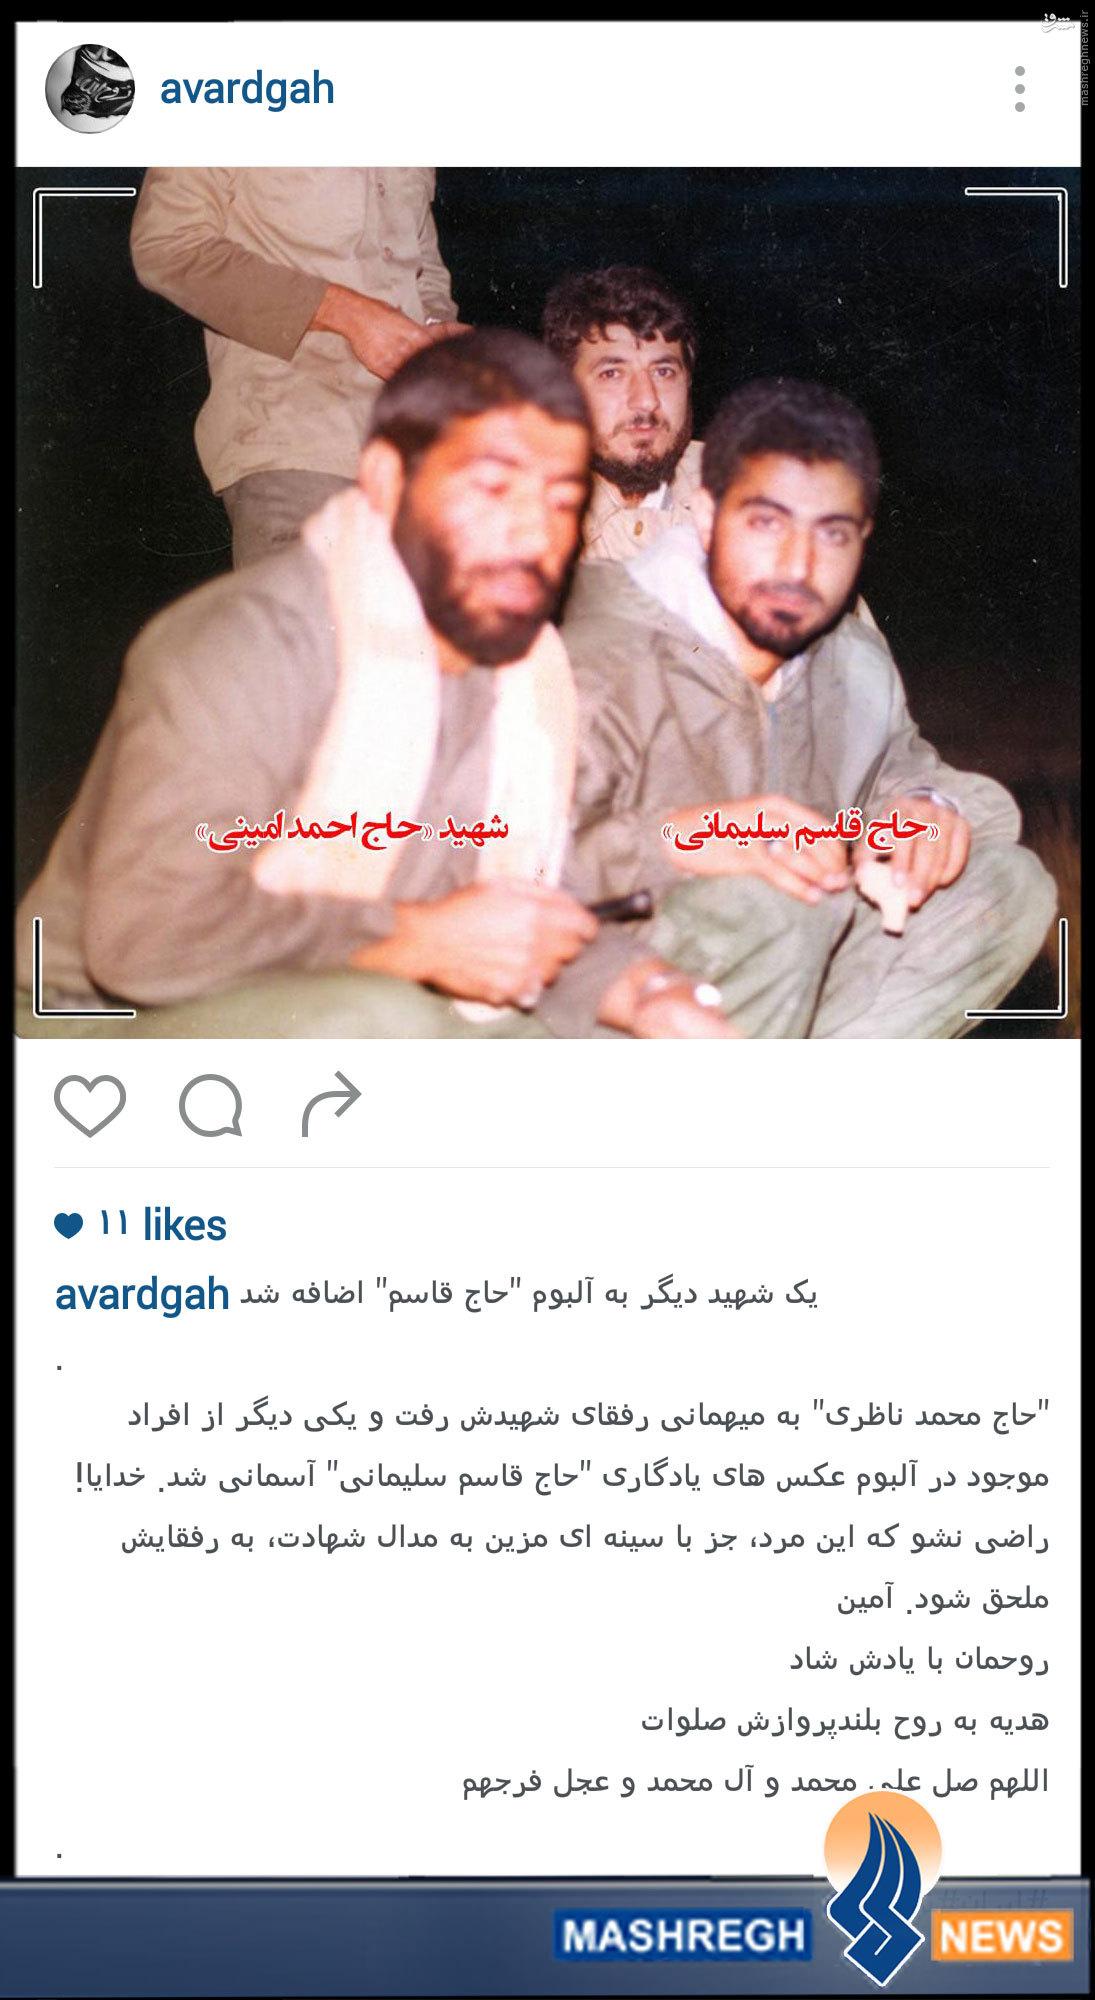 عکس/ یک شهید دیگر به آلبوم عکس «حاج قاسم» اضافه شد